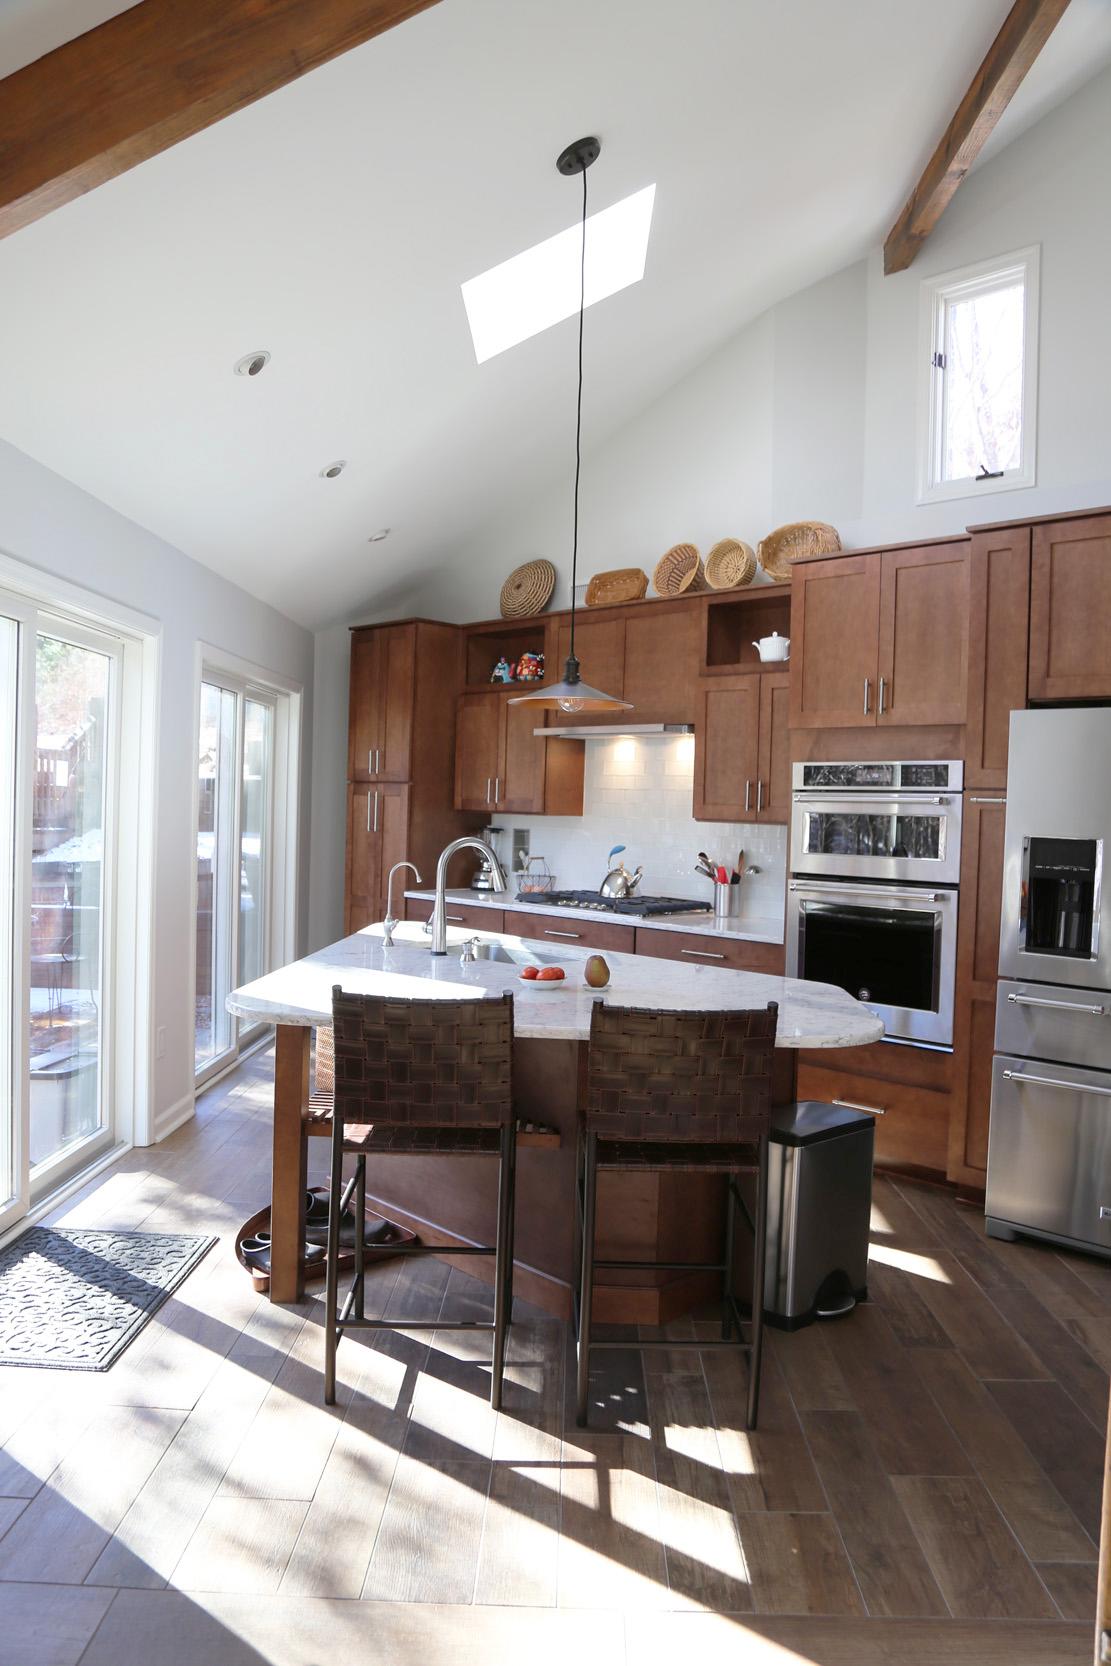 Halcyon kitchen renovation_TaylorsGap4.jpg